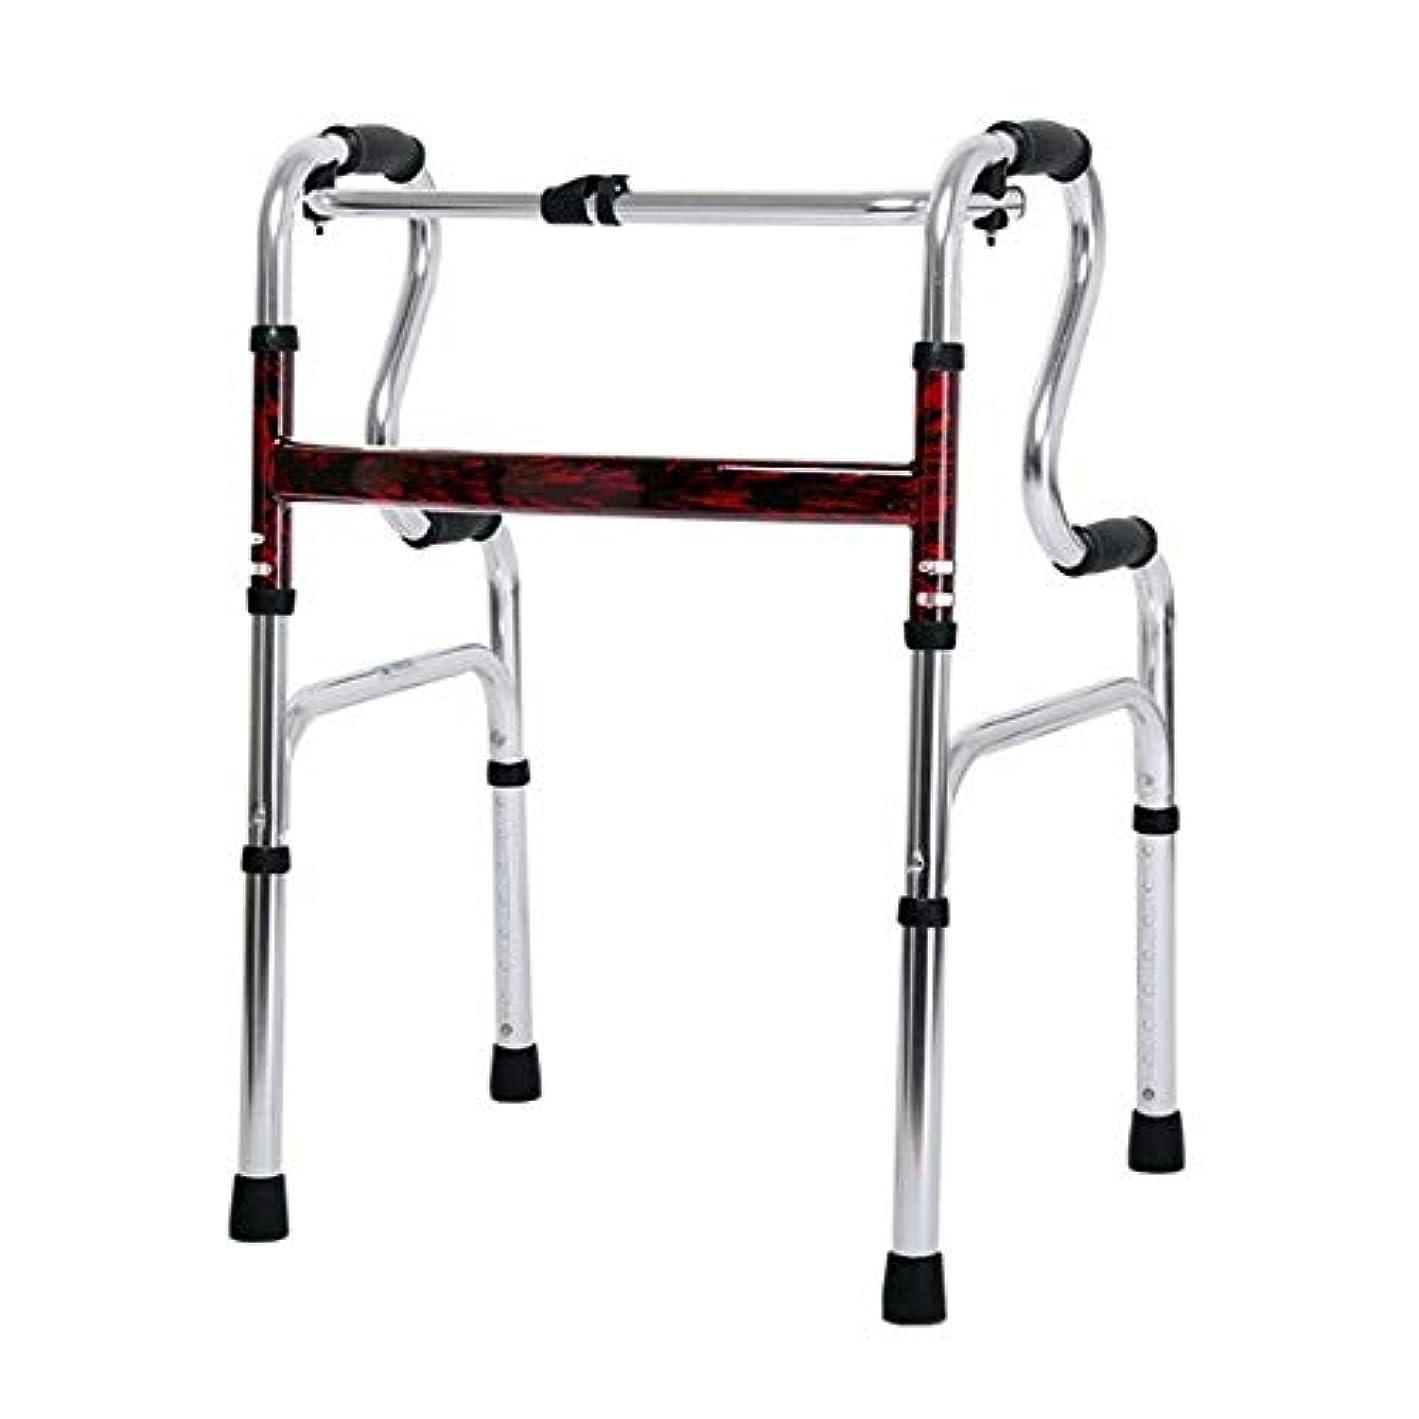 アルファベット祖母ハックリハビリテーション歩行器、多機能高齢者歩行ブラケット、身体障害者用両腕歩行器 (Color : 銀)